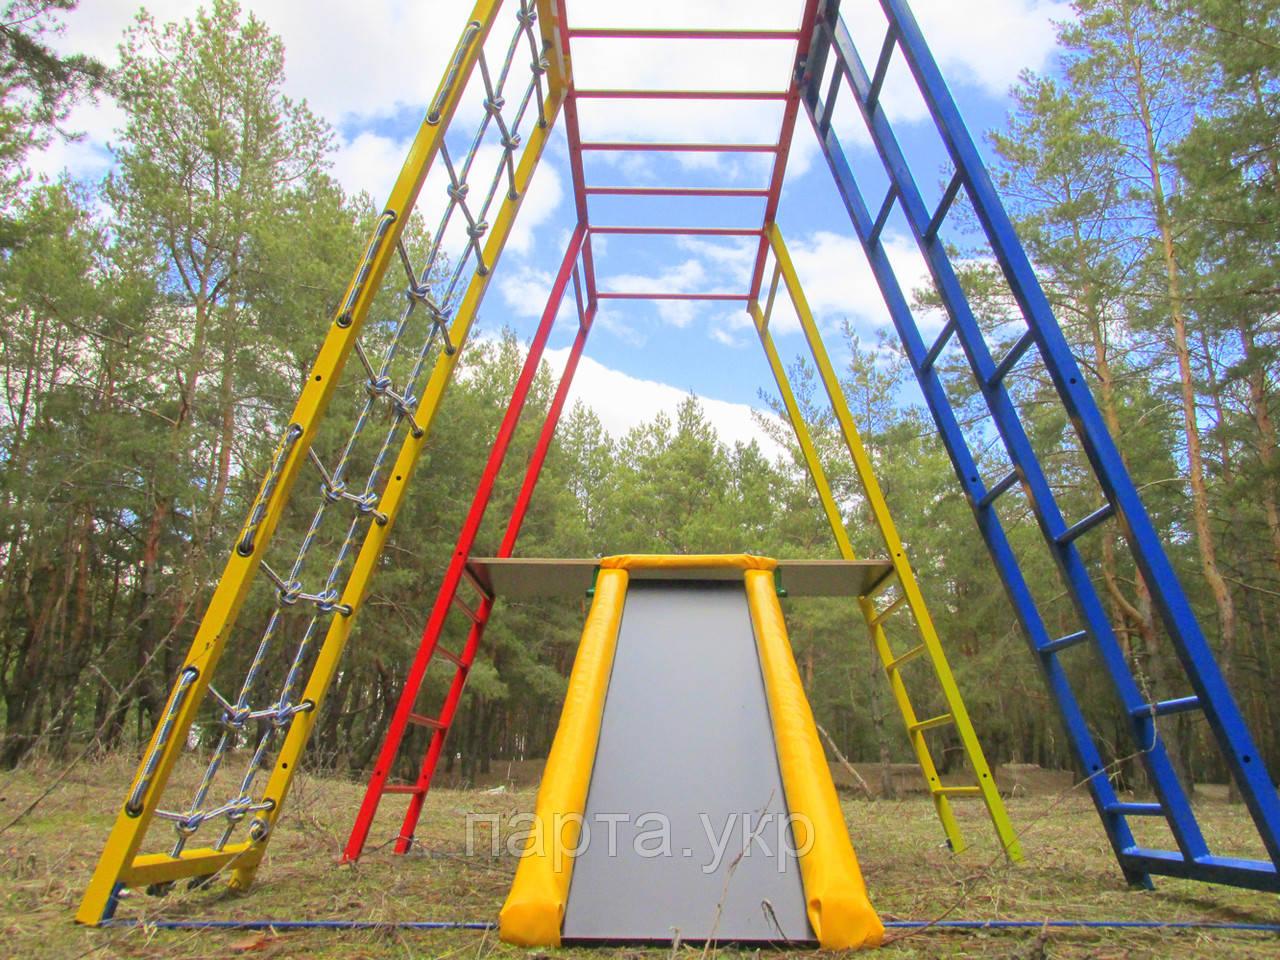 Дитячий ігровий комплекс для дачі Чемпіон з майданчиком